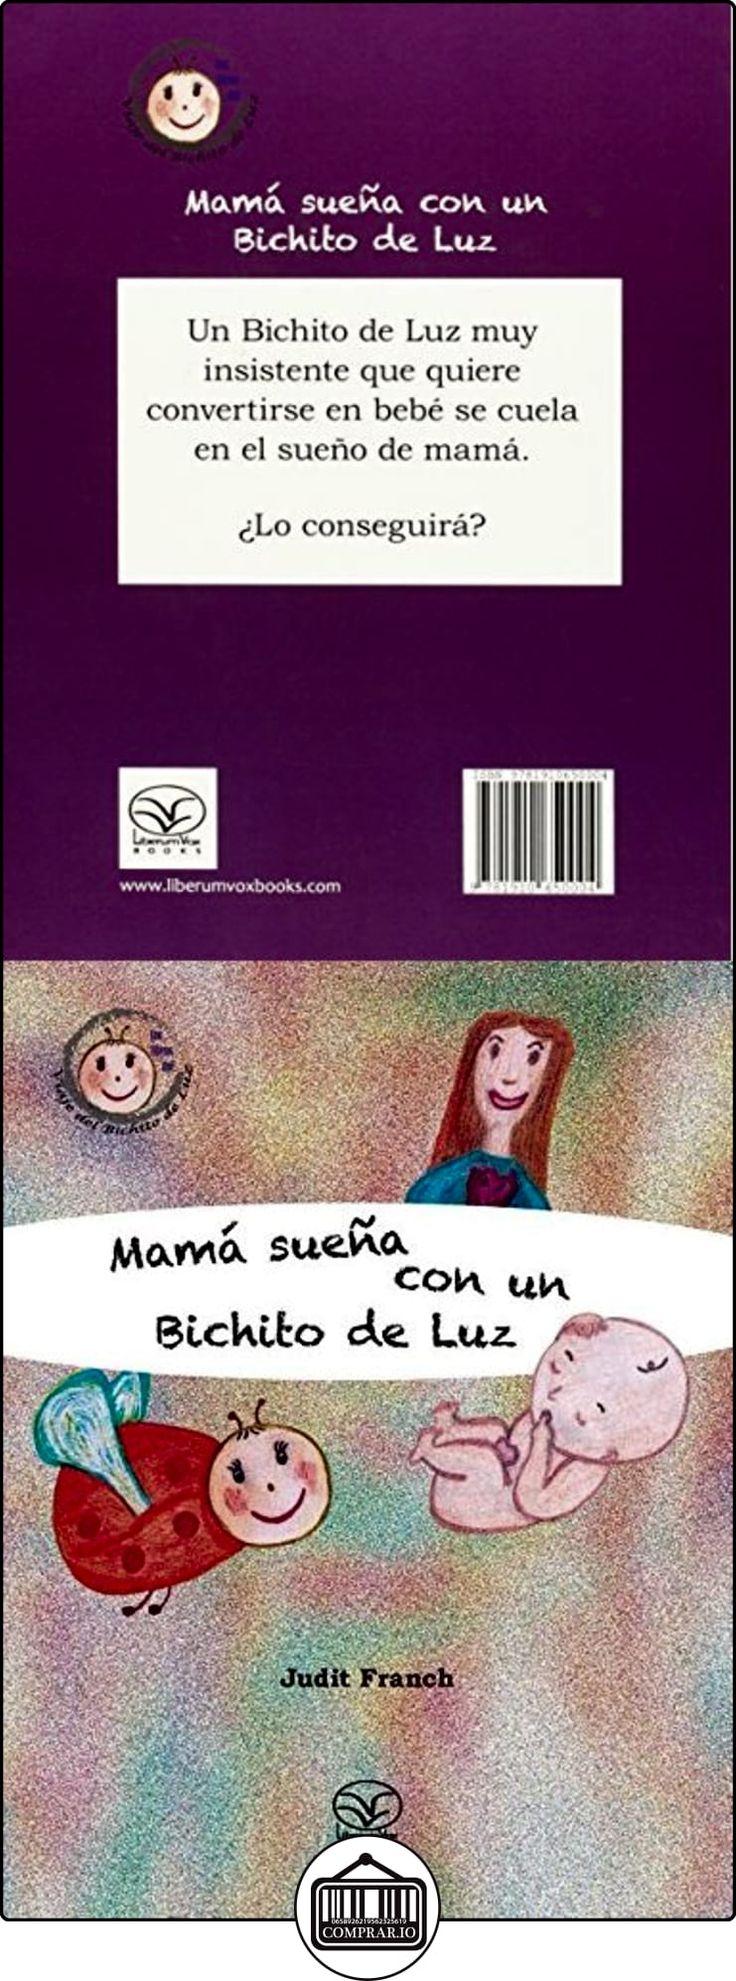 Mamá sueña con un Bichito de Luz (El Viaje Del Bichito De Luz) Judit Franch ✿ Libros infantiles y juveniles - (De 0 a 3 años) ✿